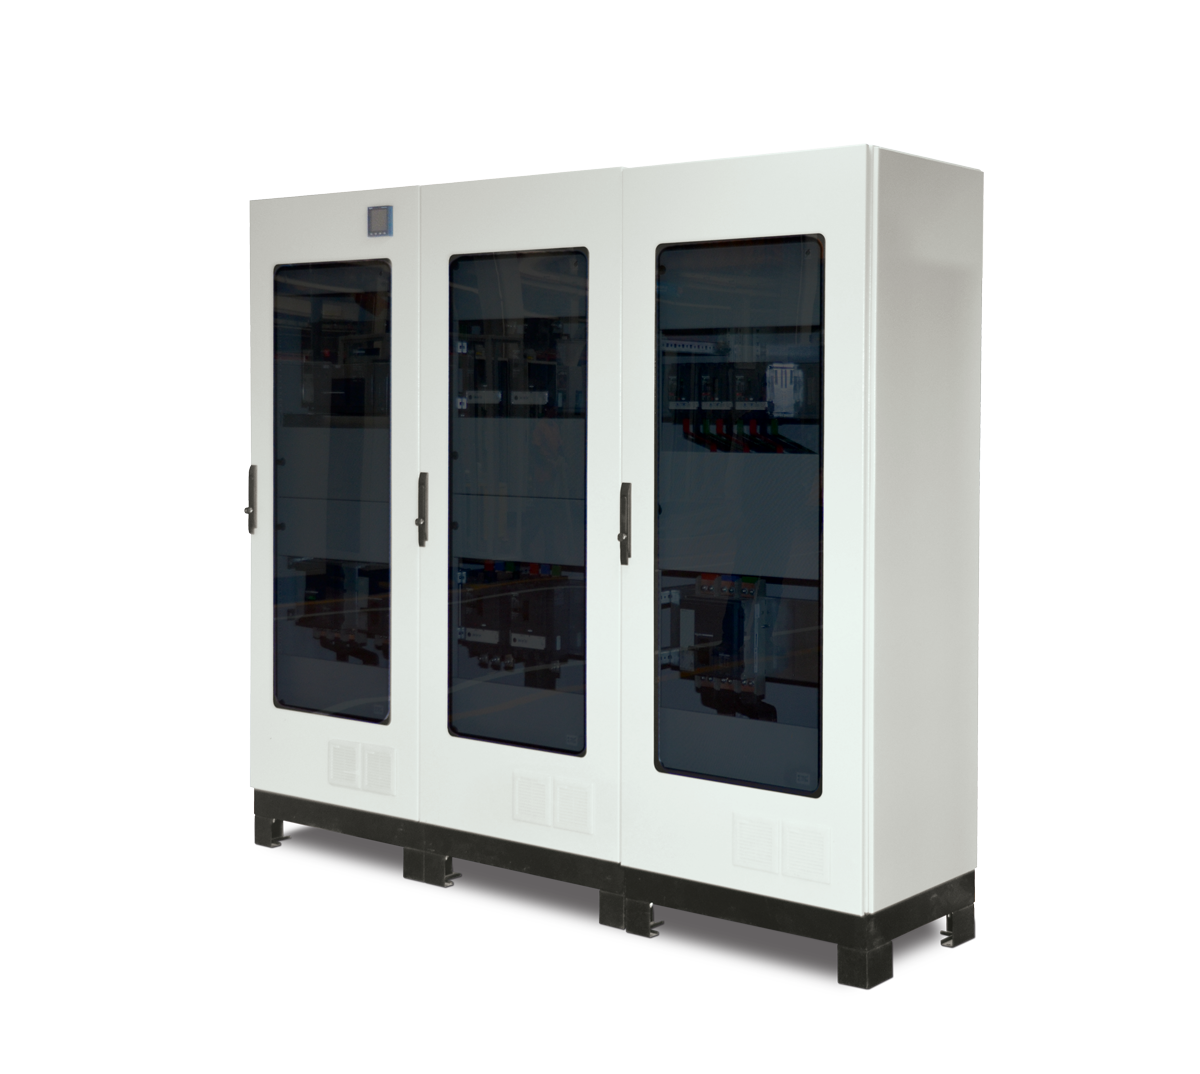 LTD - Şalter Panoları Merkezi ve Tali Dağıtım Panoları İç Kapaklı